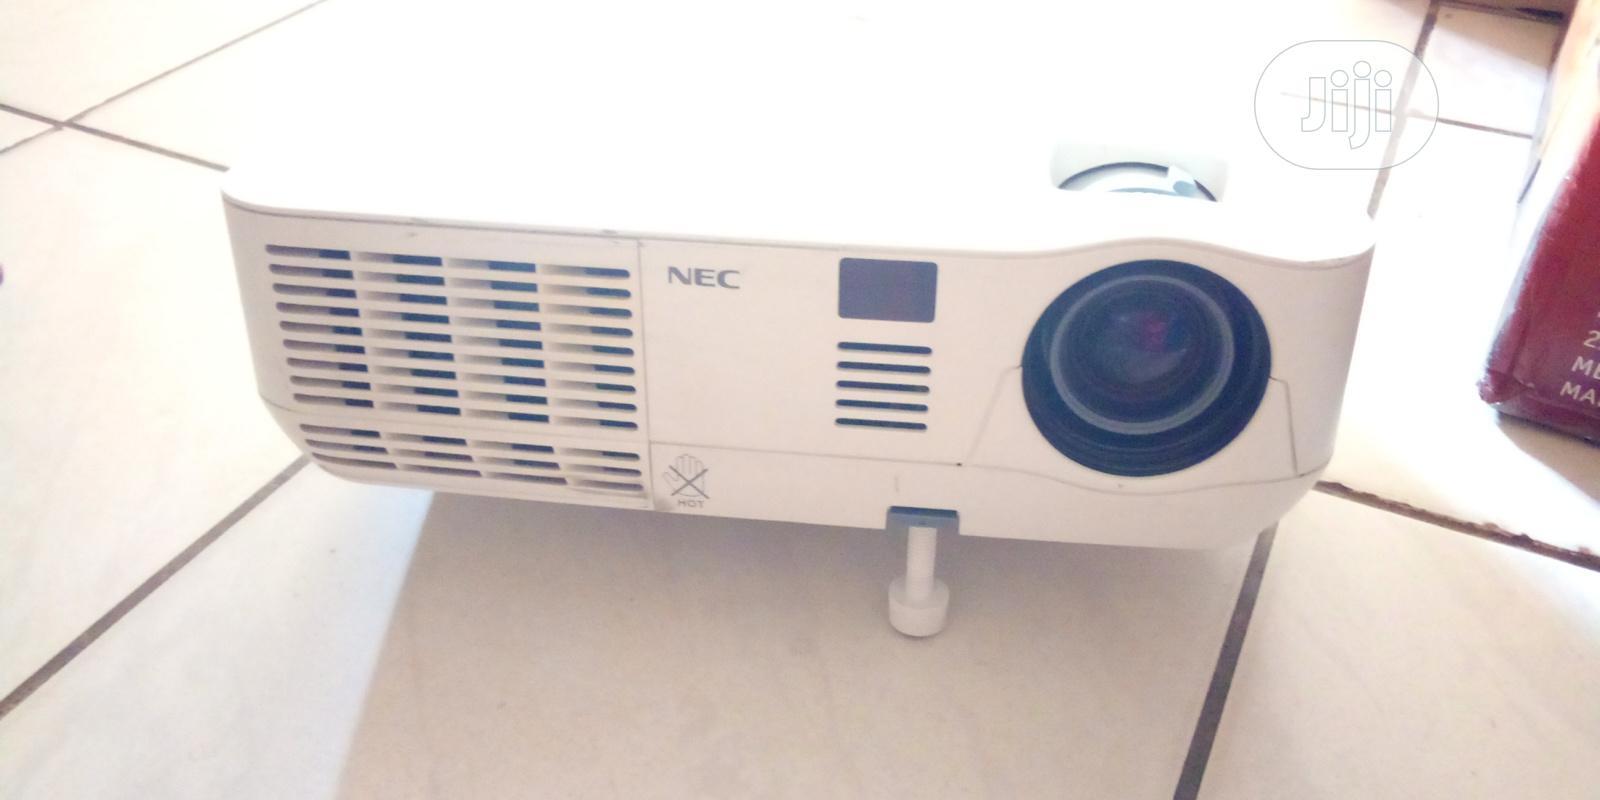 NEC Projector V260